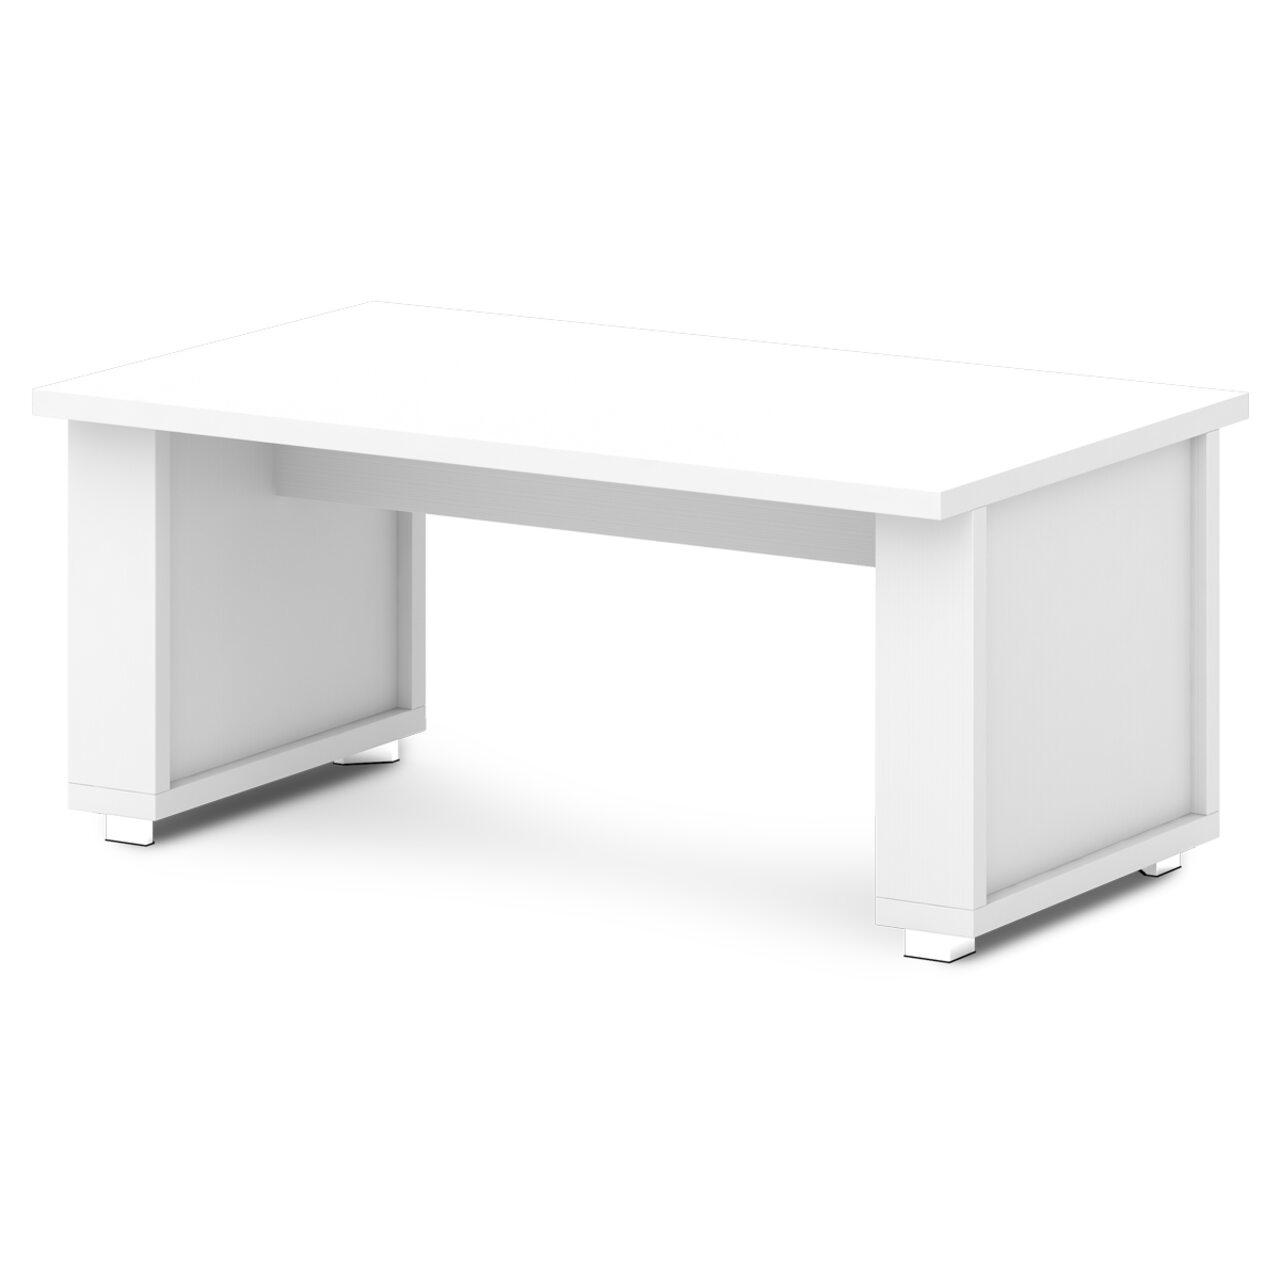 Стол для переговоров для 4 персон GRACE 100x170x75 - фото 3